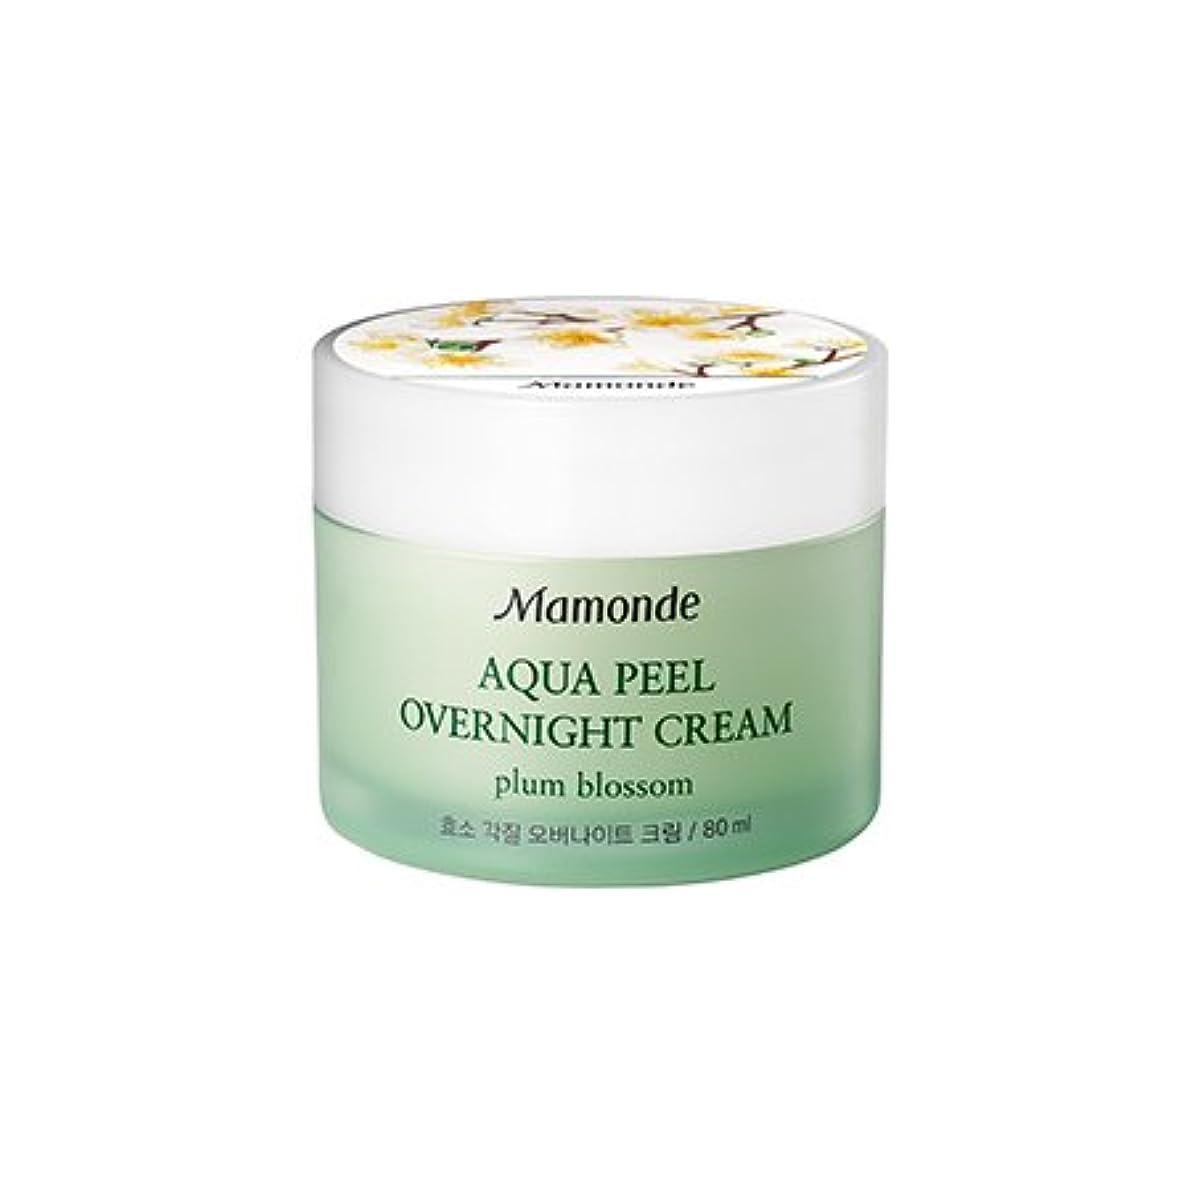 勝利メディック乳白Mamonde Aqua Peel Overnight Cream 80ml/マモンド アクア ピール オーバーナイト クリーム 80ml [並行輸入品]